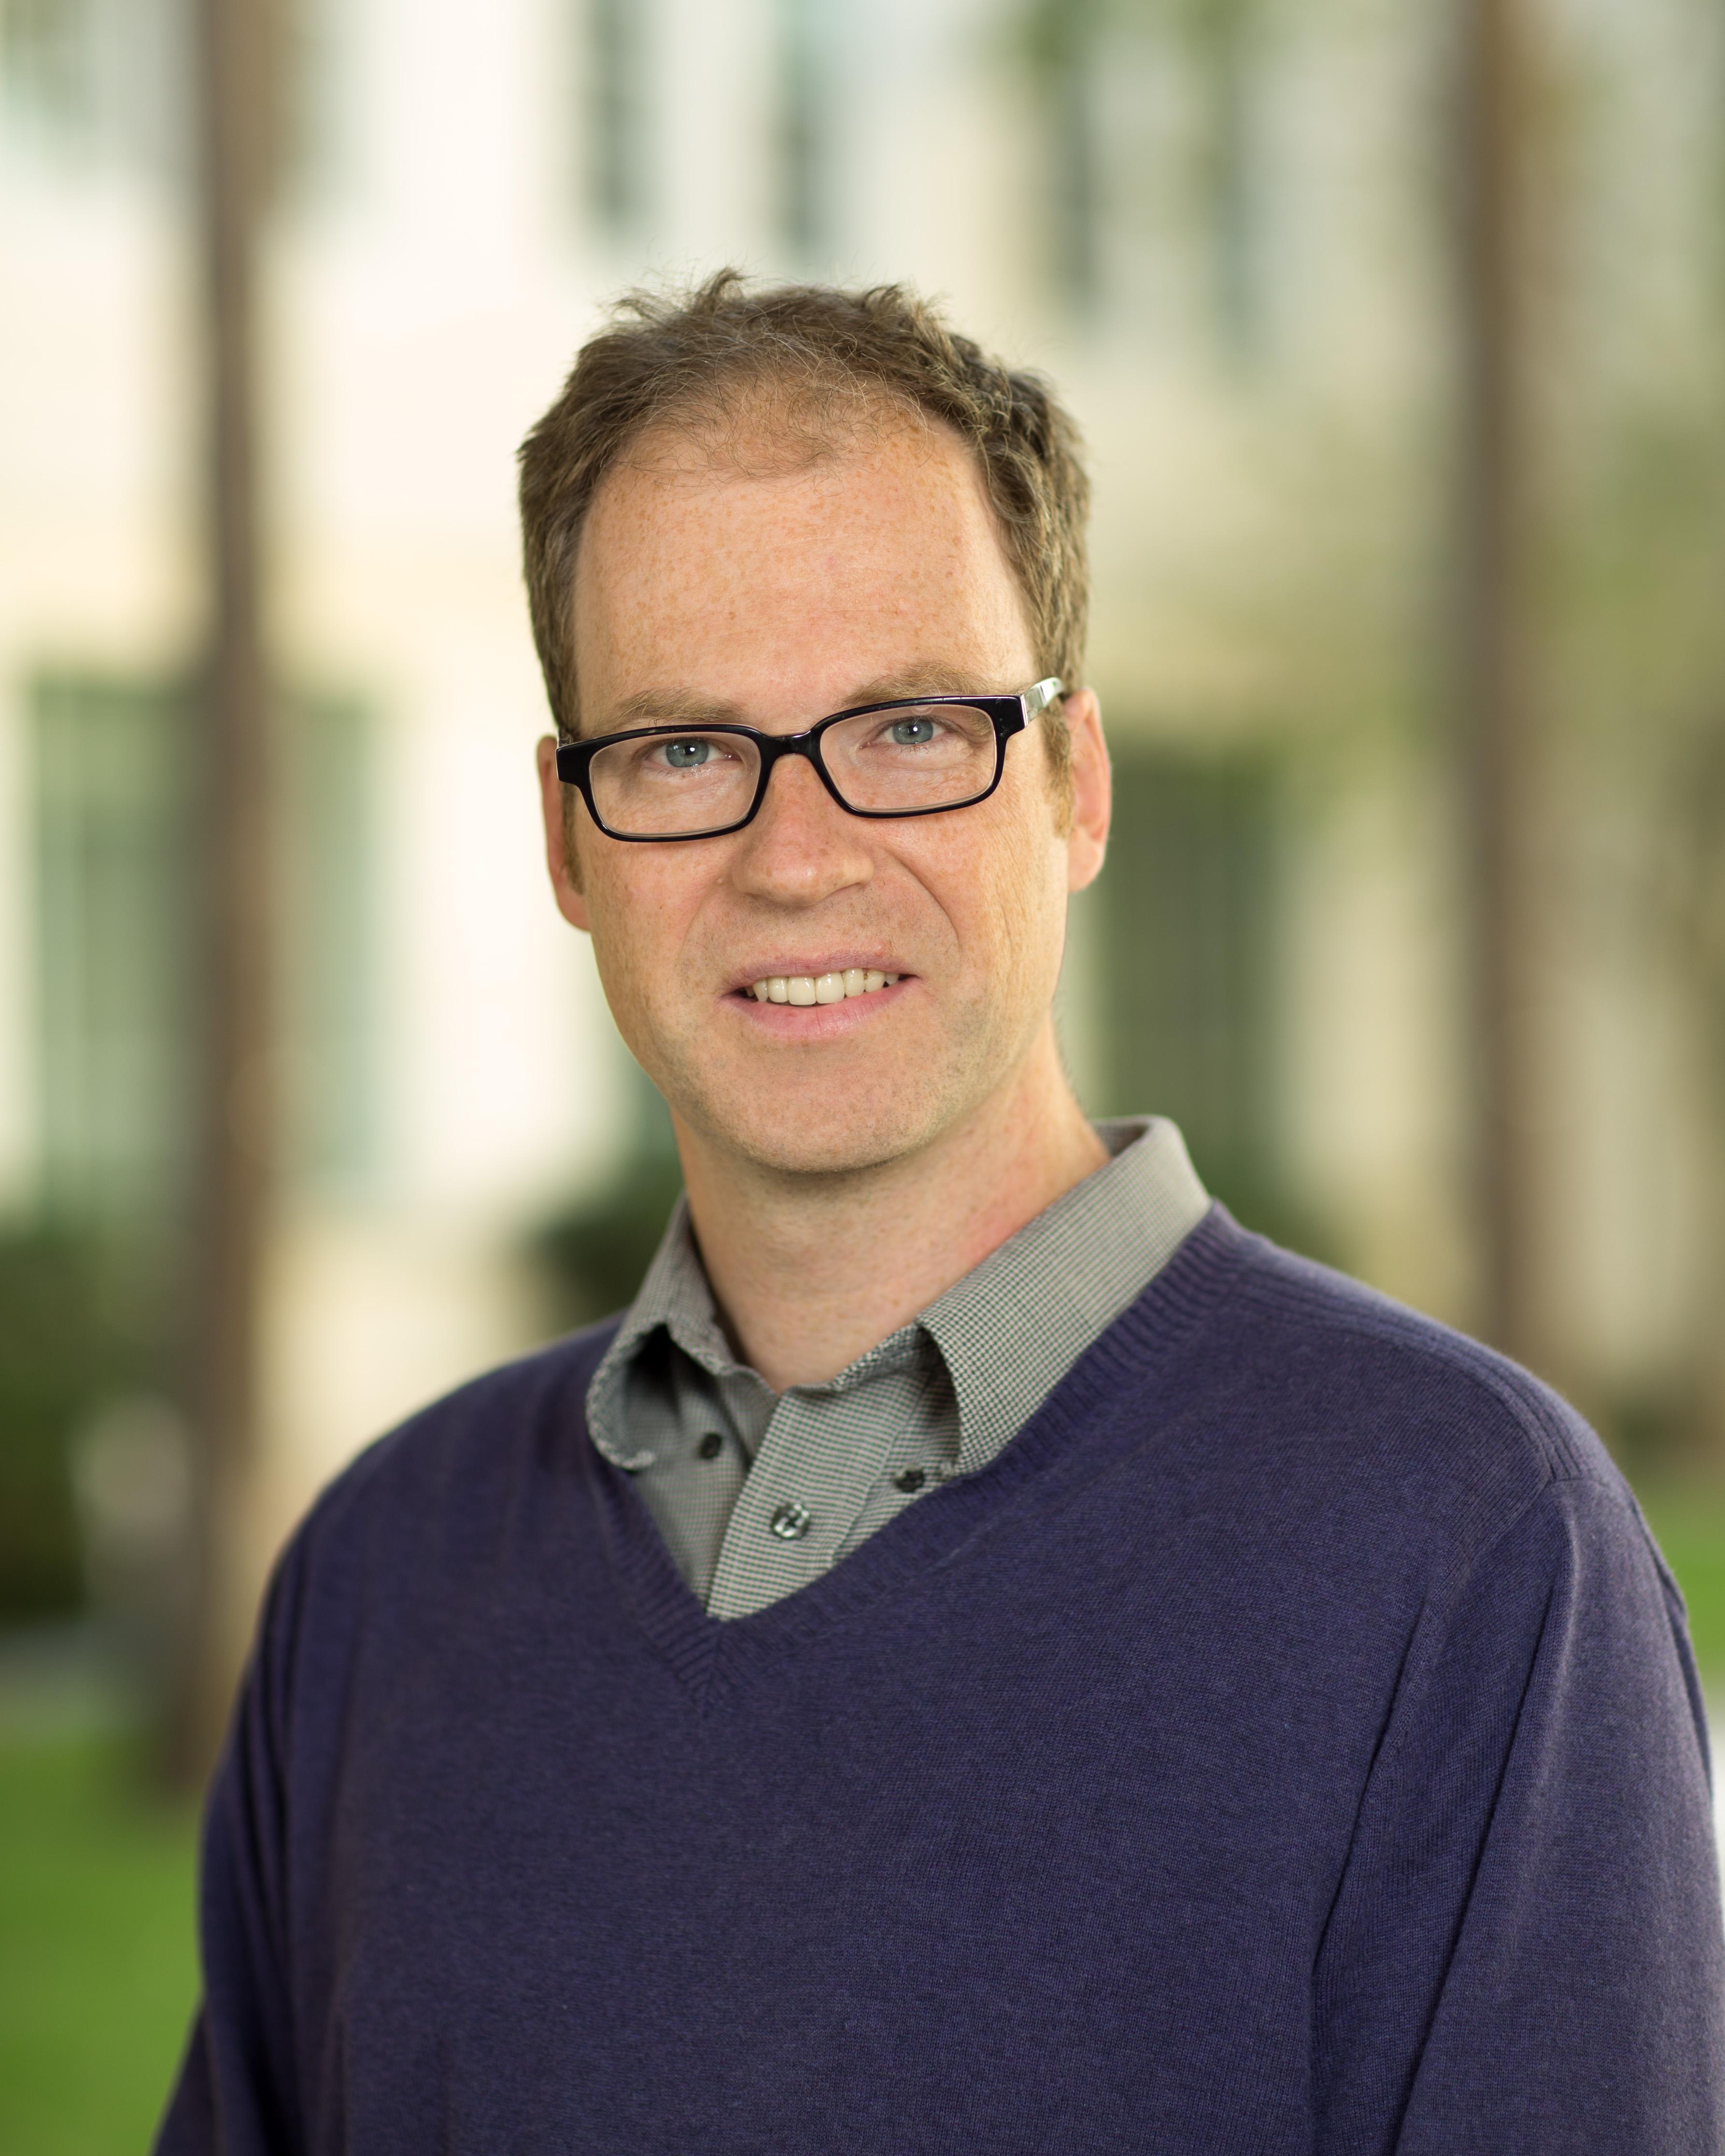 Assistant Professor Jake Wegmann